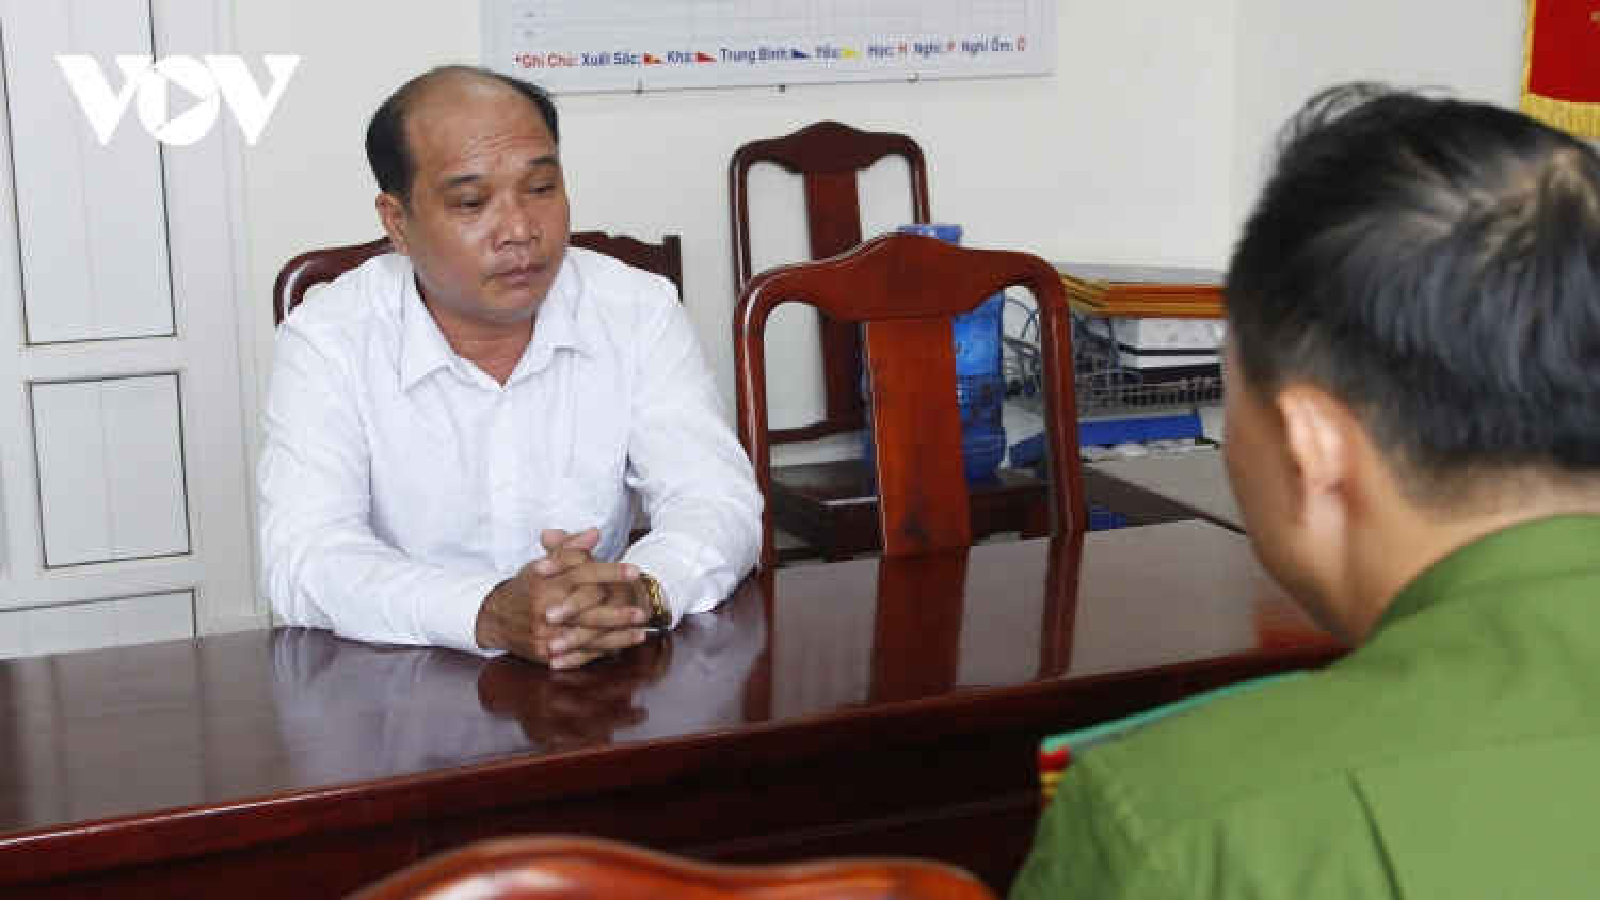 Bắt tạm giam chủ tịch Chi hội nghề cá thị trấn Thuận An vì chiếm đoạt tiền